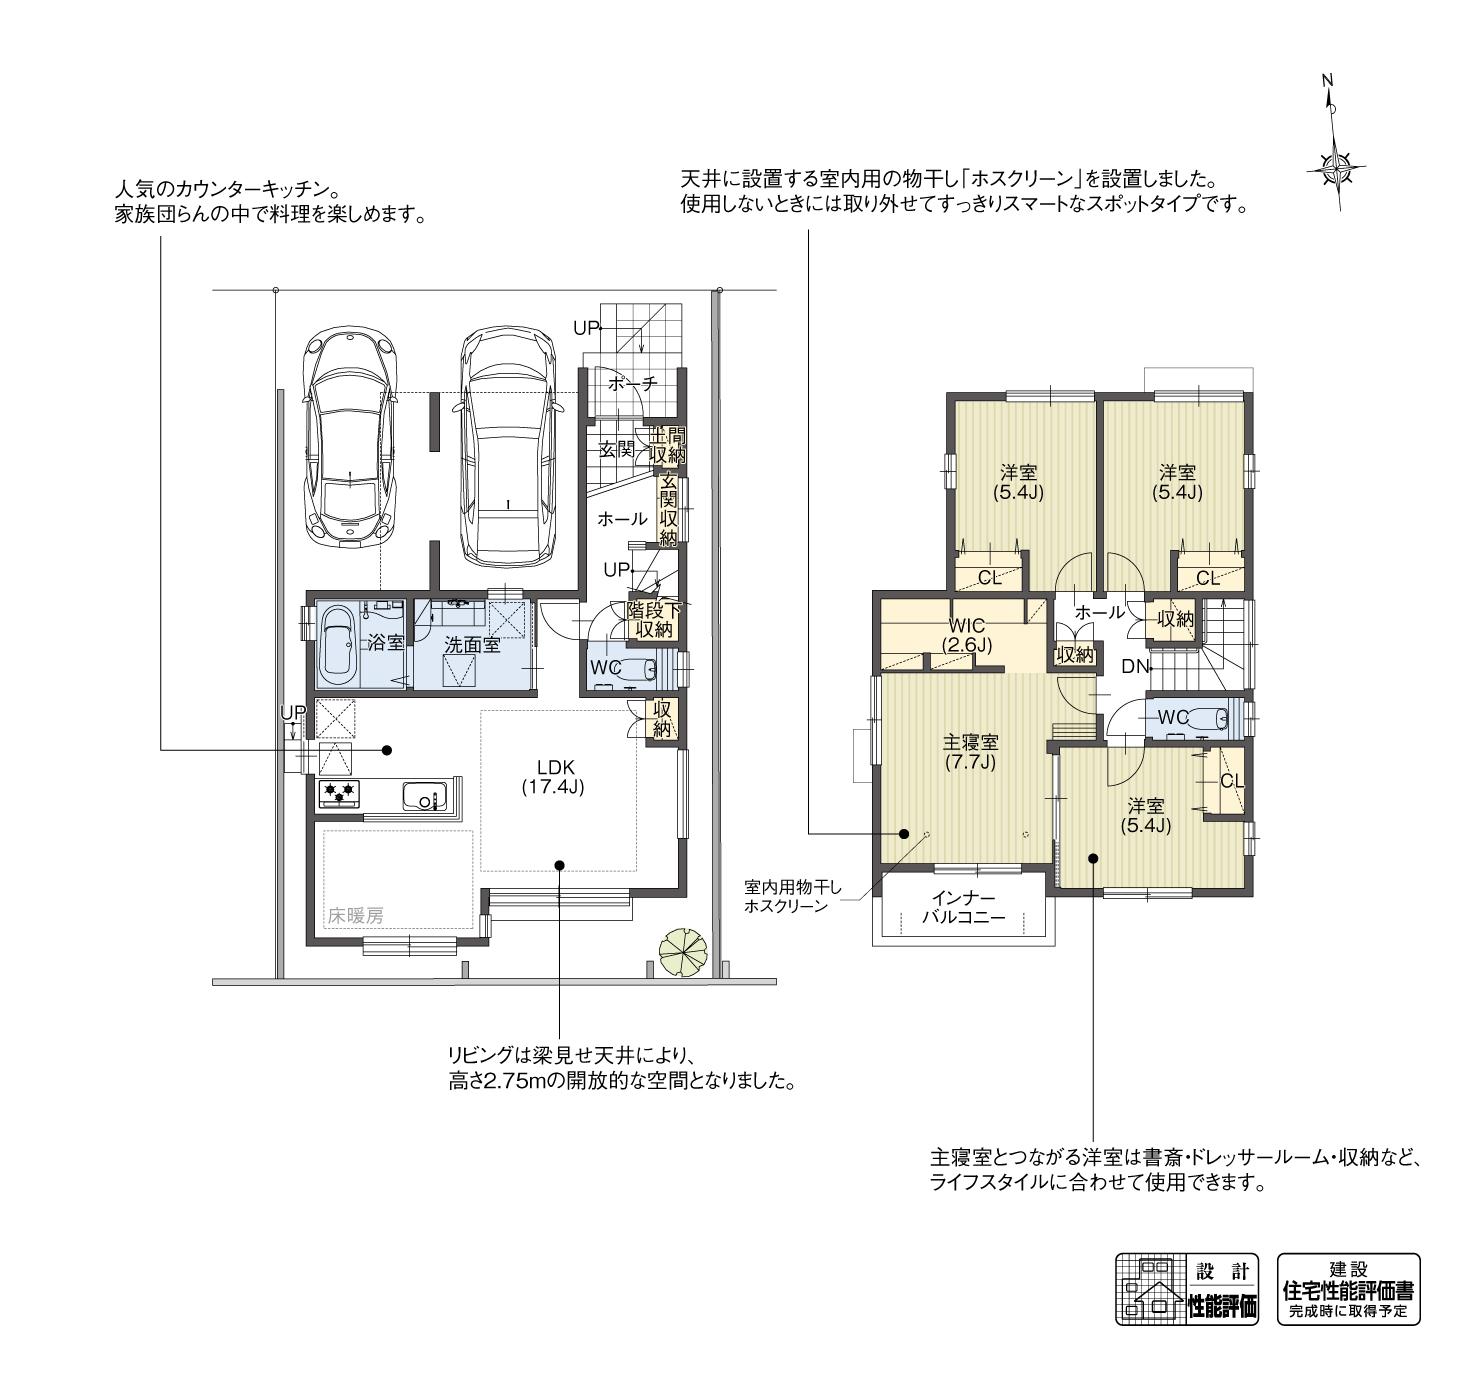 5_間取図_plan2_蟹江町須成藤丸